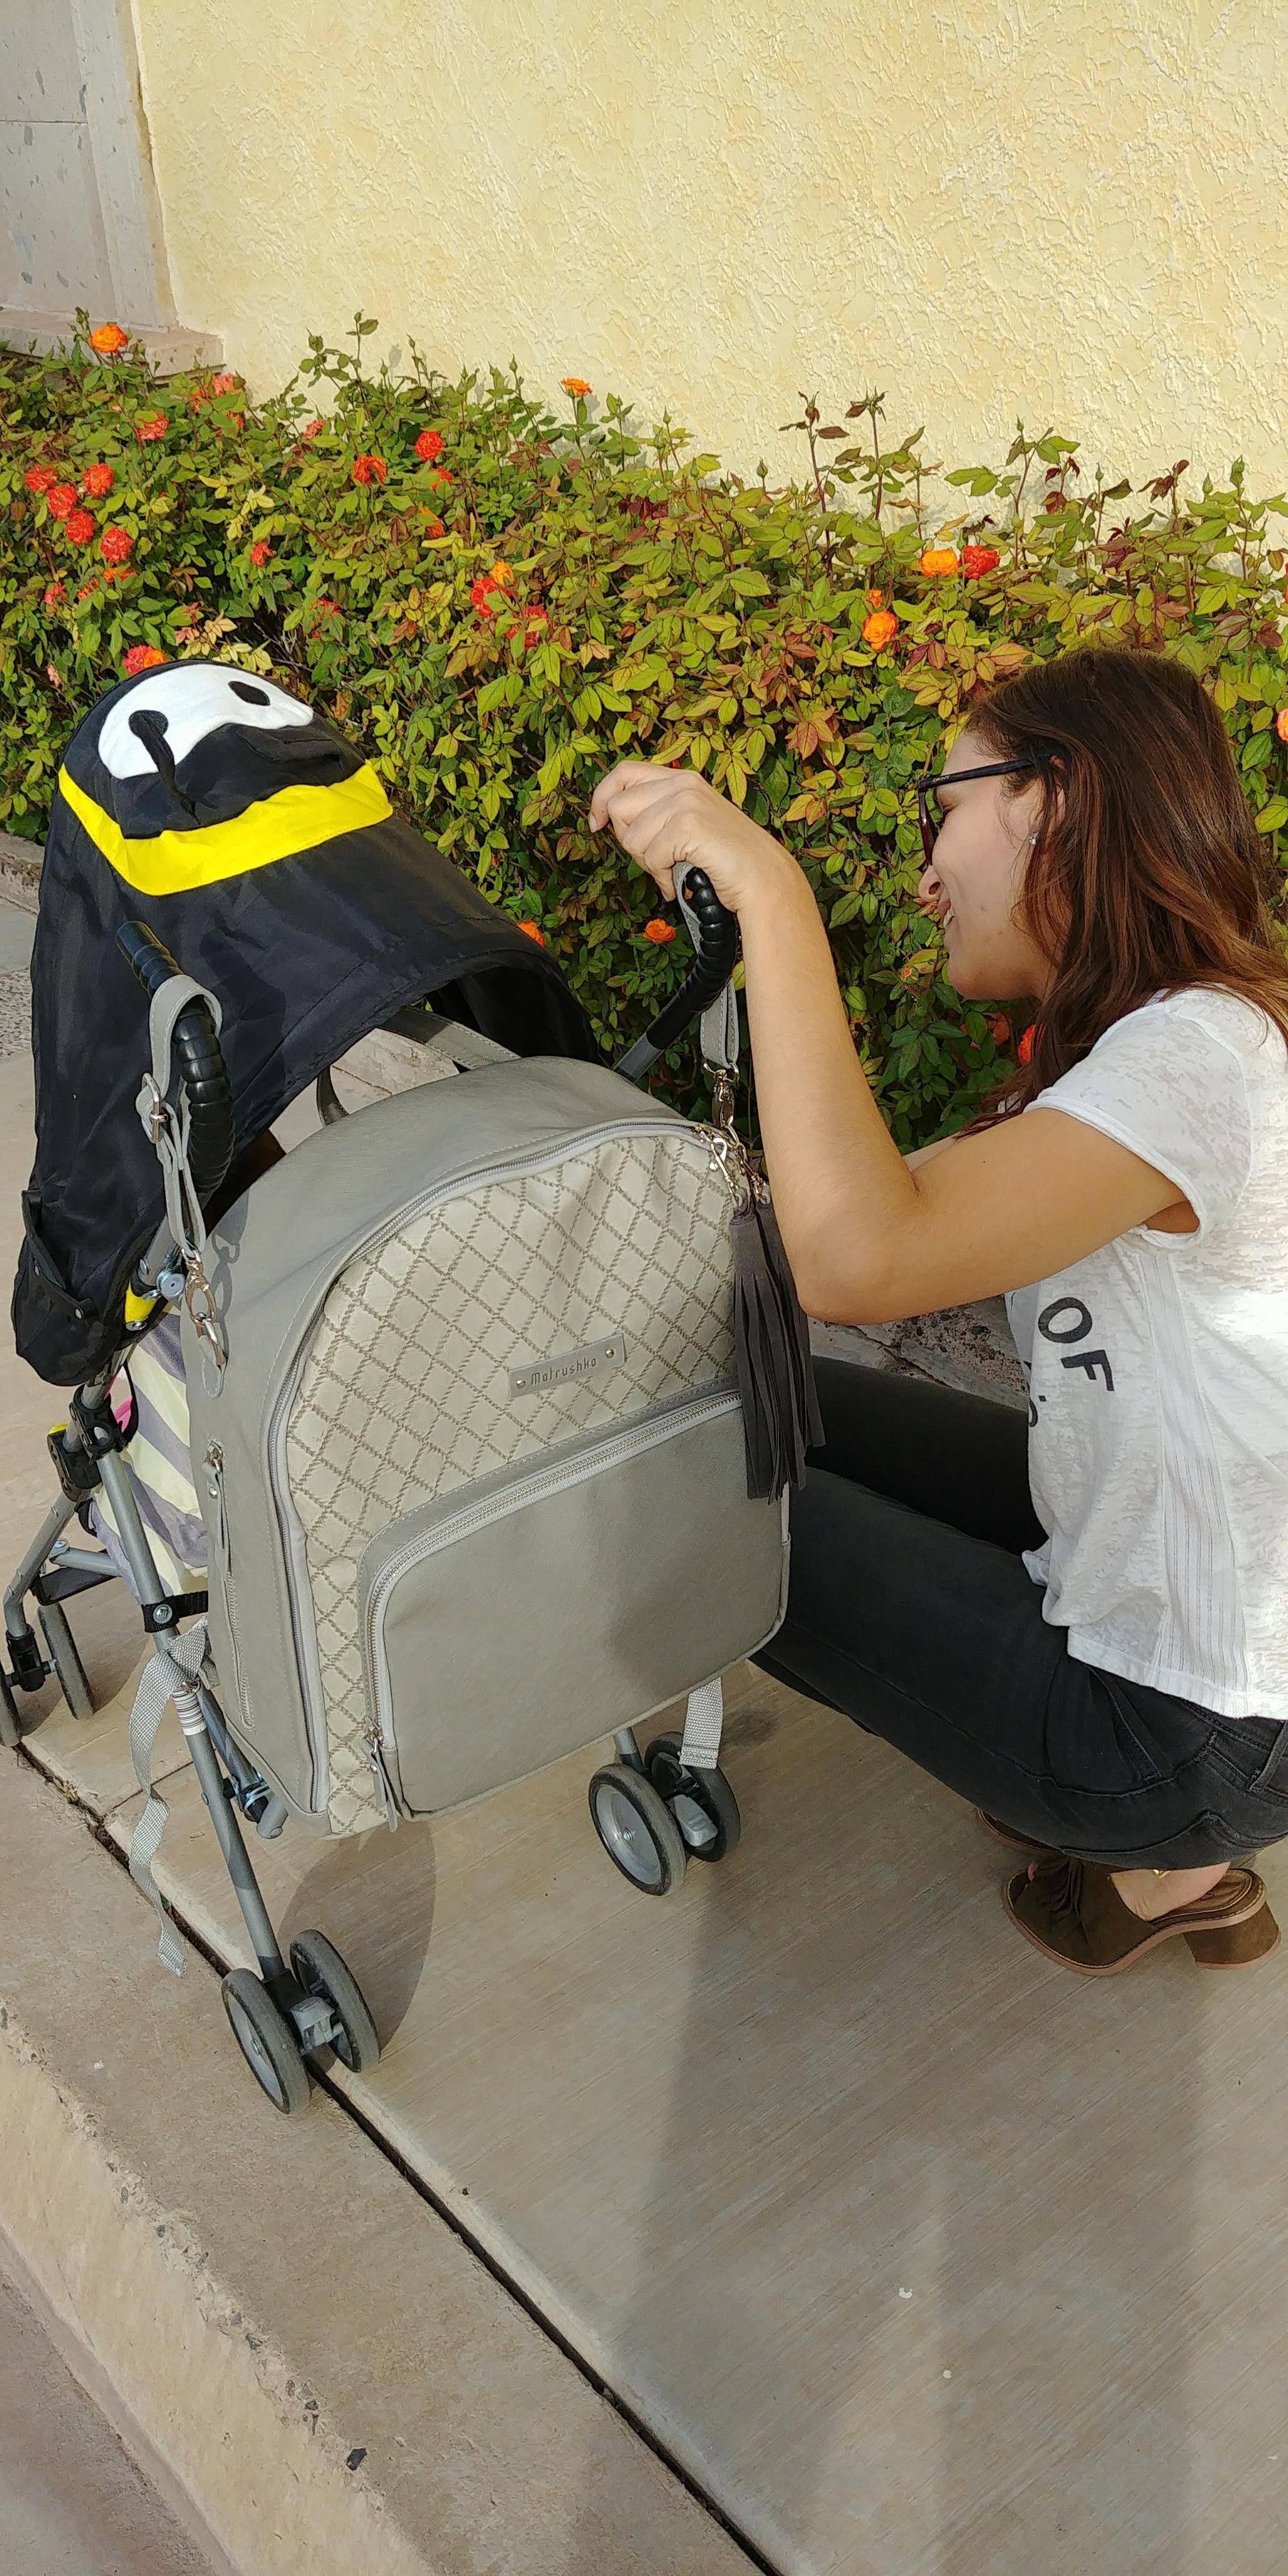 486718e0d Pañalera Moderna Matrushka ideal para mamá. Producto  Hechoenmexico   diaperbag Encuentra disponible nuestras pañaleras en nuestro sitio web.